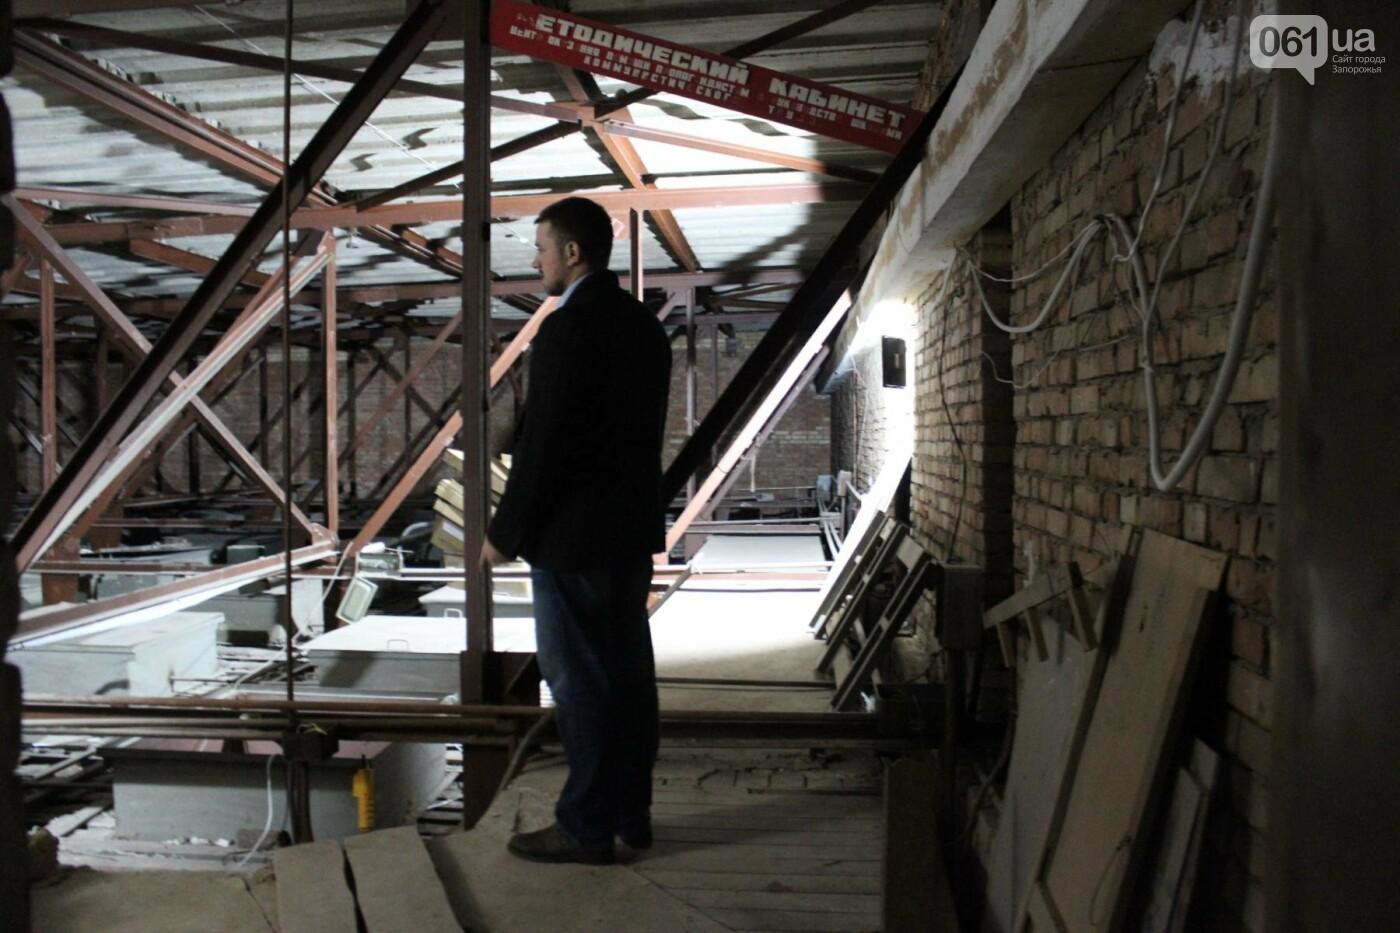 Чем живет запорожский центр молодежи: новый концертный зал, коворкинг и остатки пропагандистского прошлого, - ФОТОРЕПОРТАЖ, фото-21